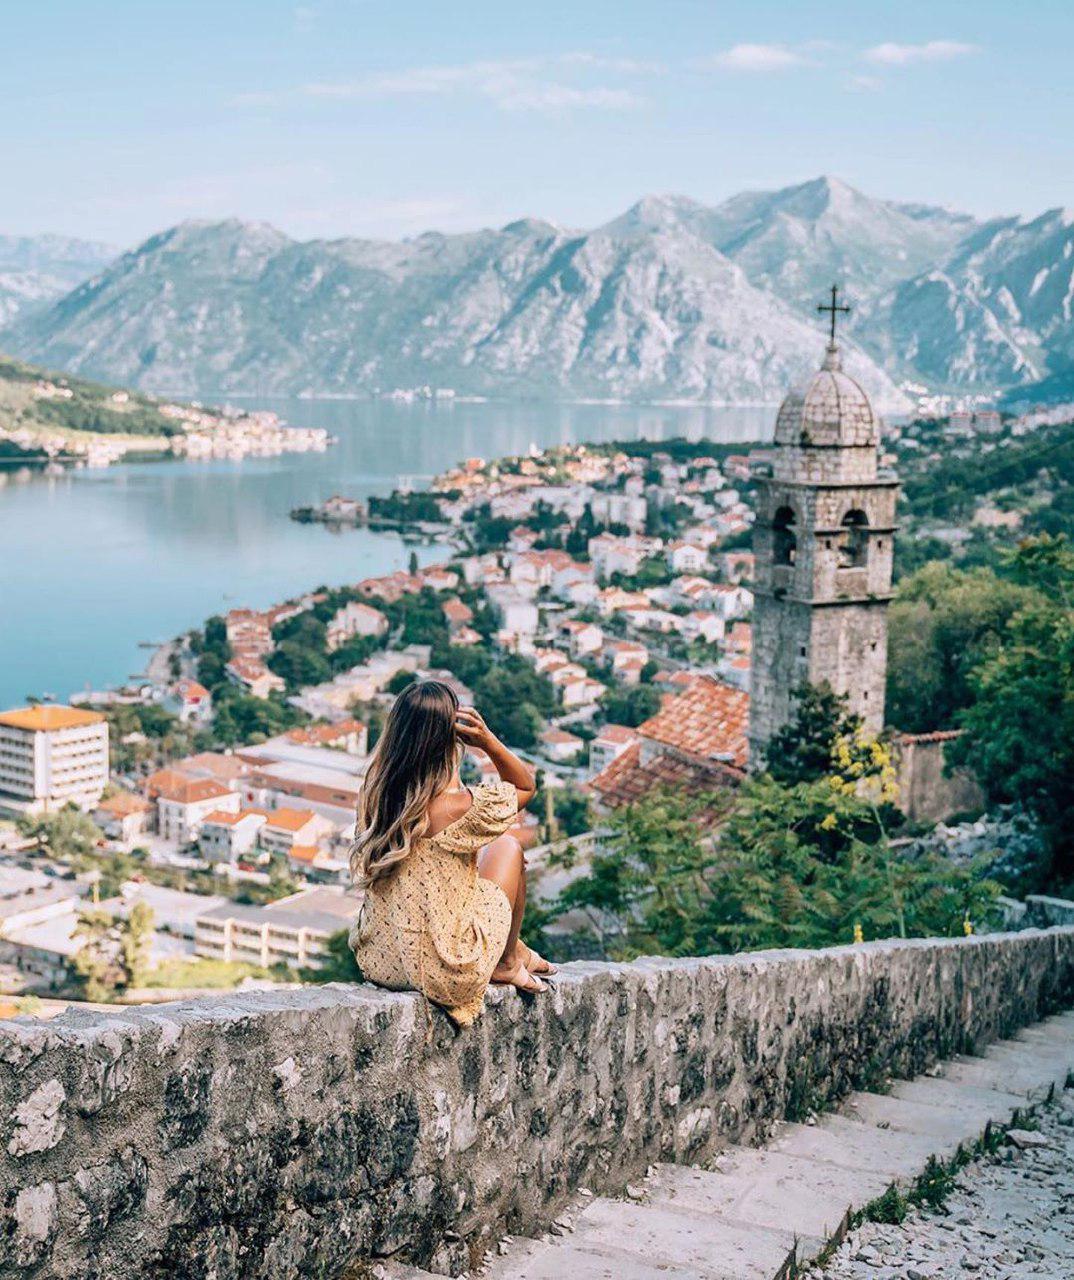 хорошего фото сделанные в черногории считает участие